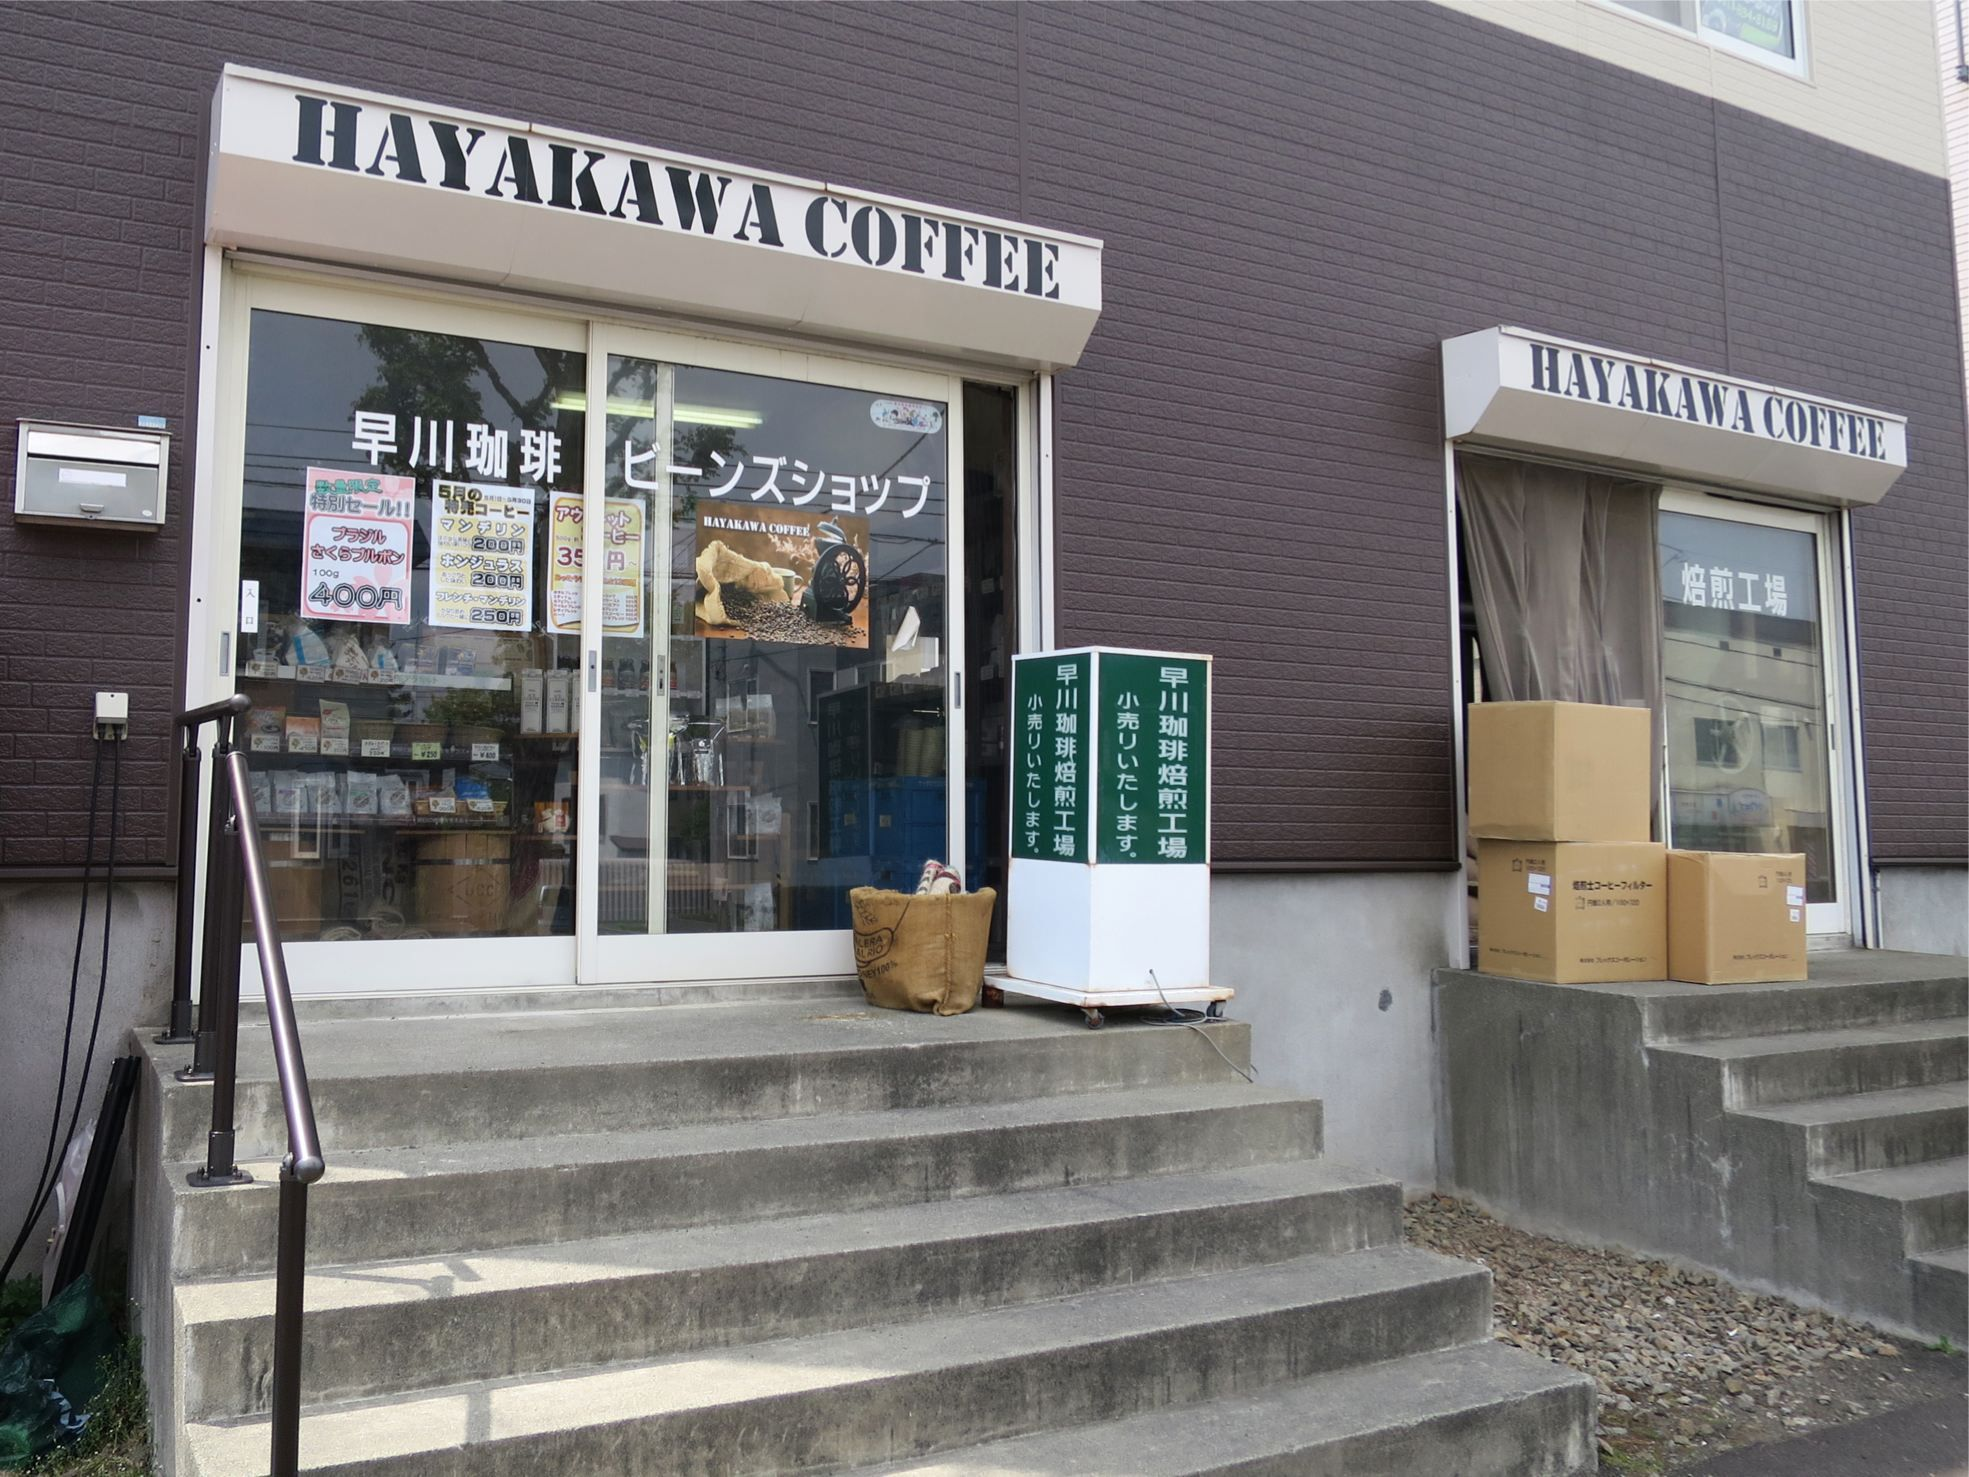 早川コーヒー